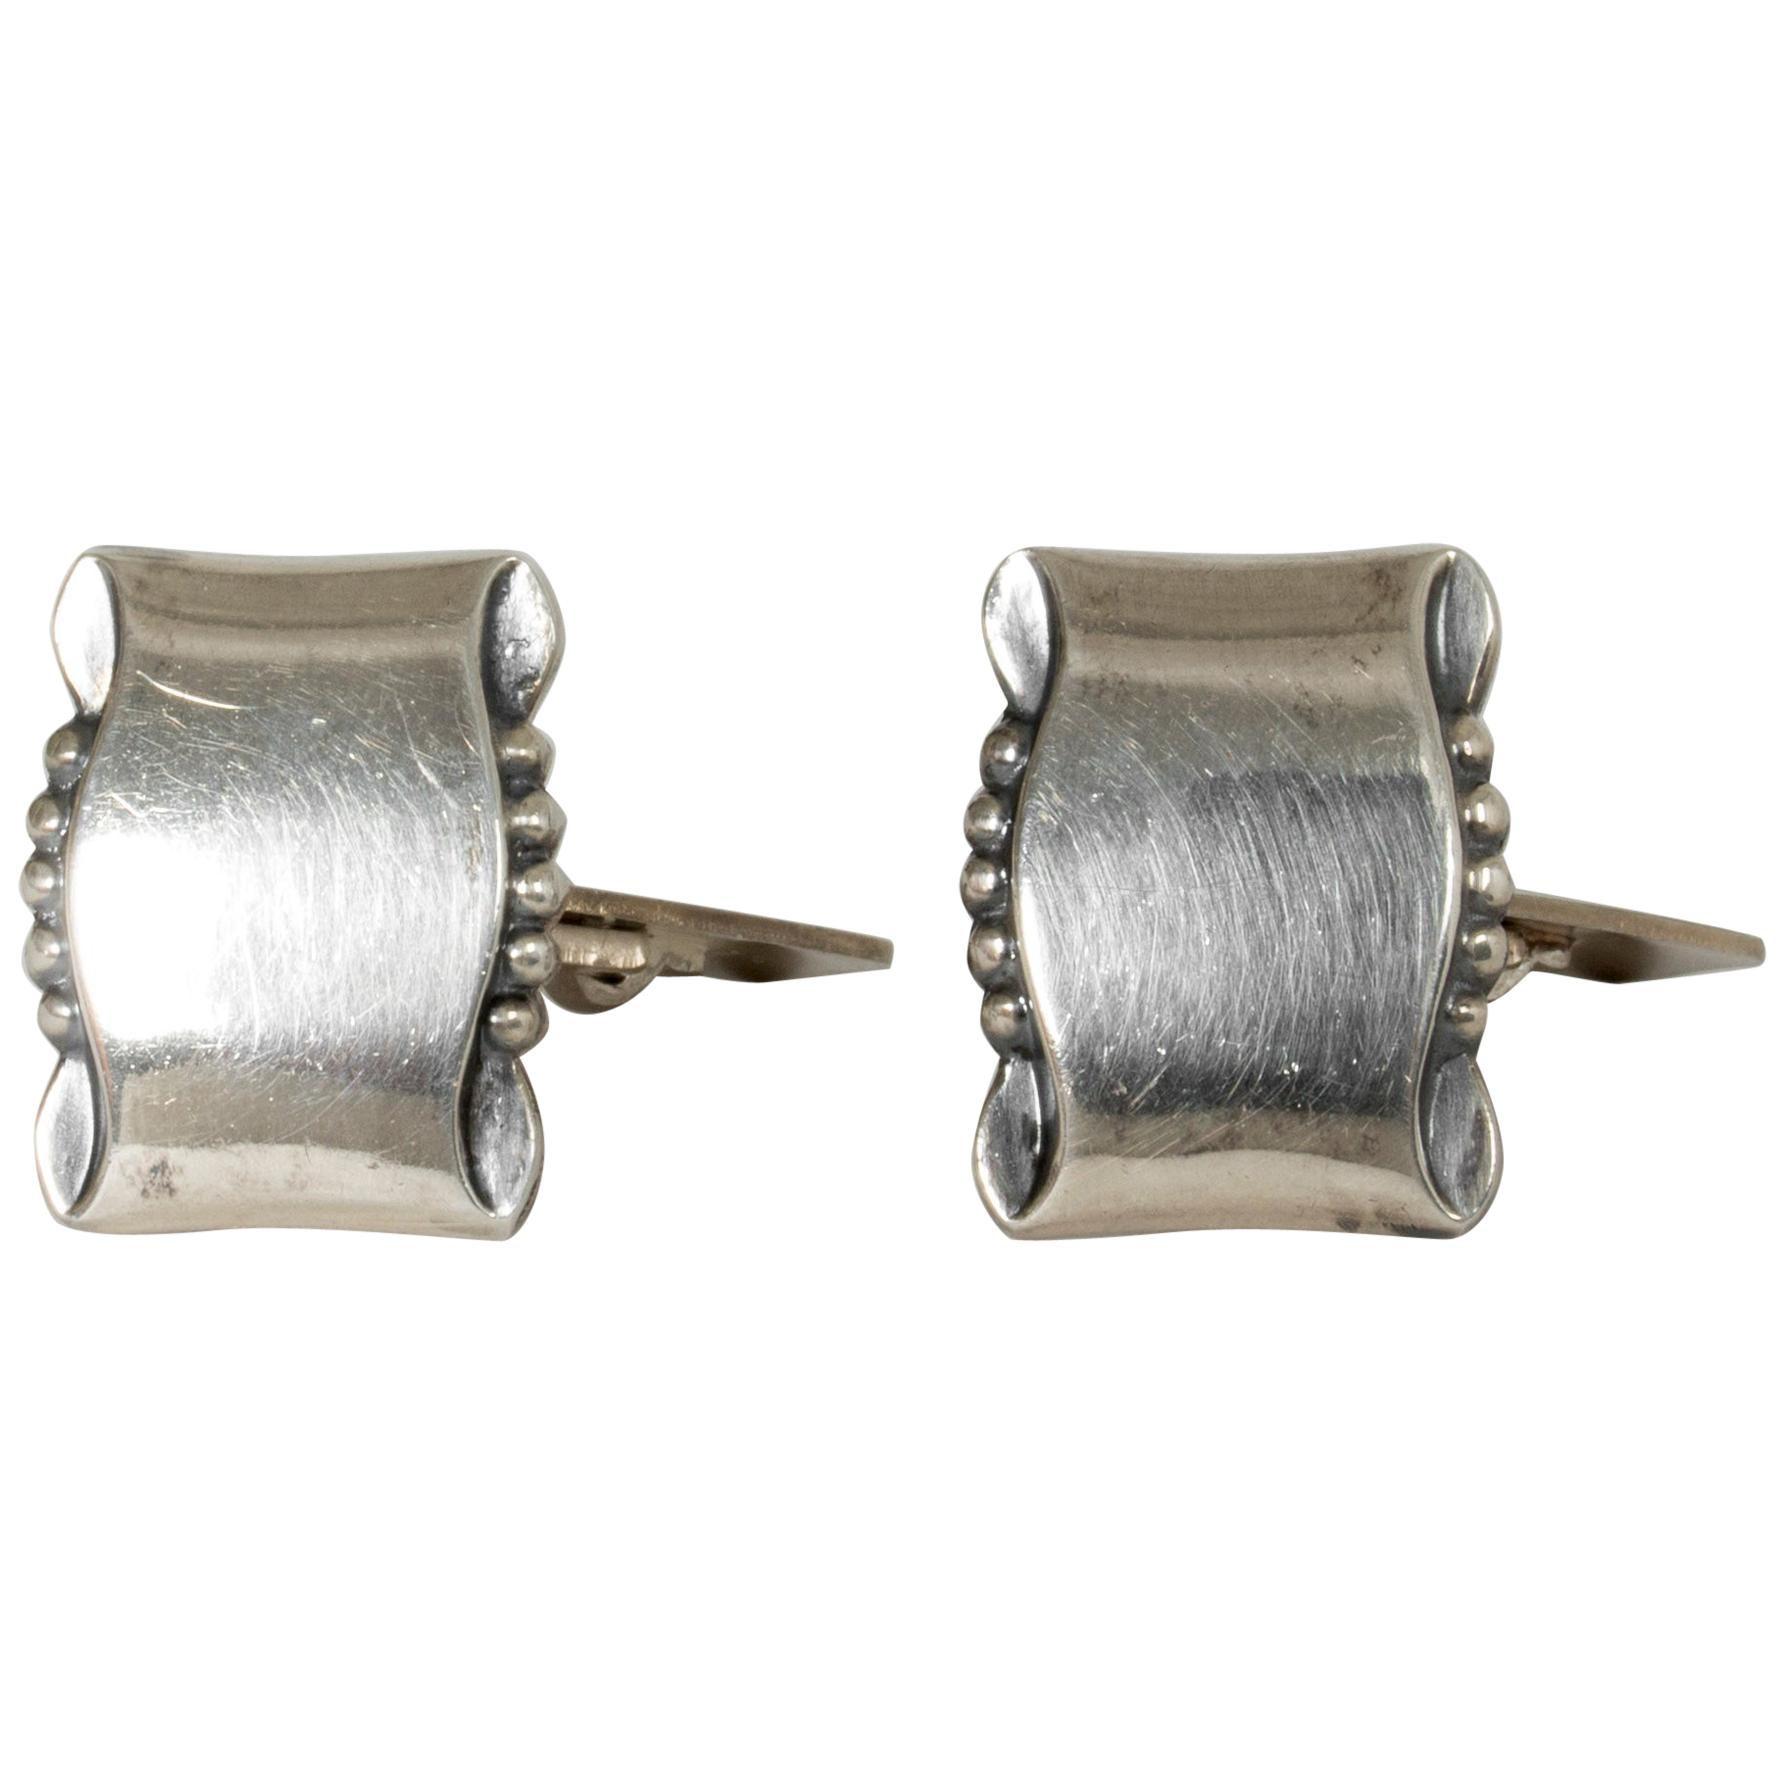 Pair of Silver Cufflinks from Gustaf Dahlgren & Co., Sweden, 1950s